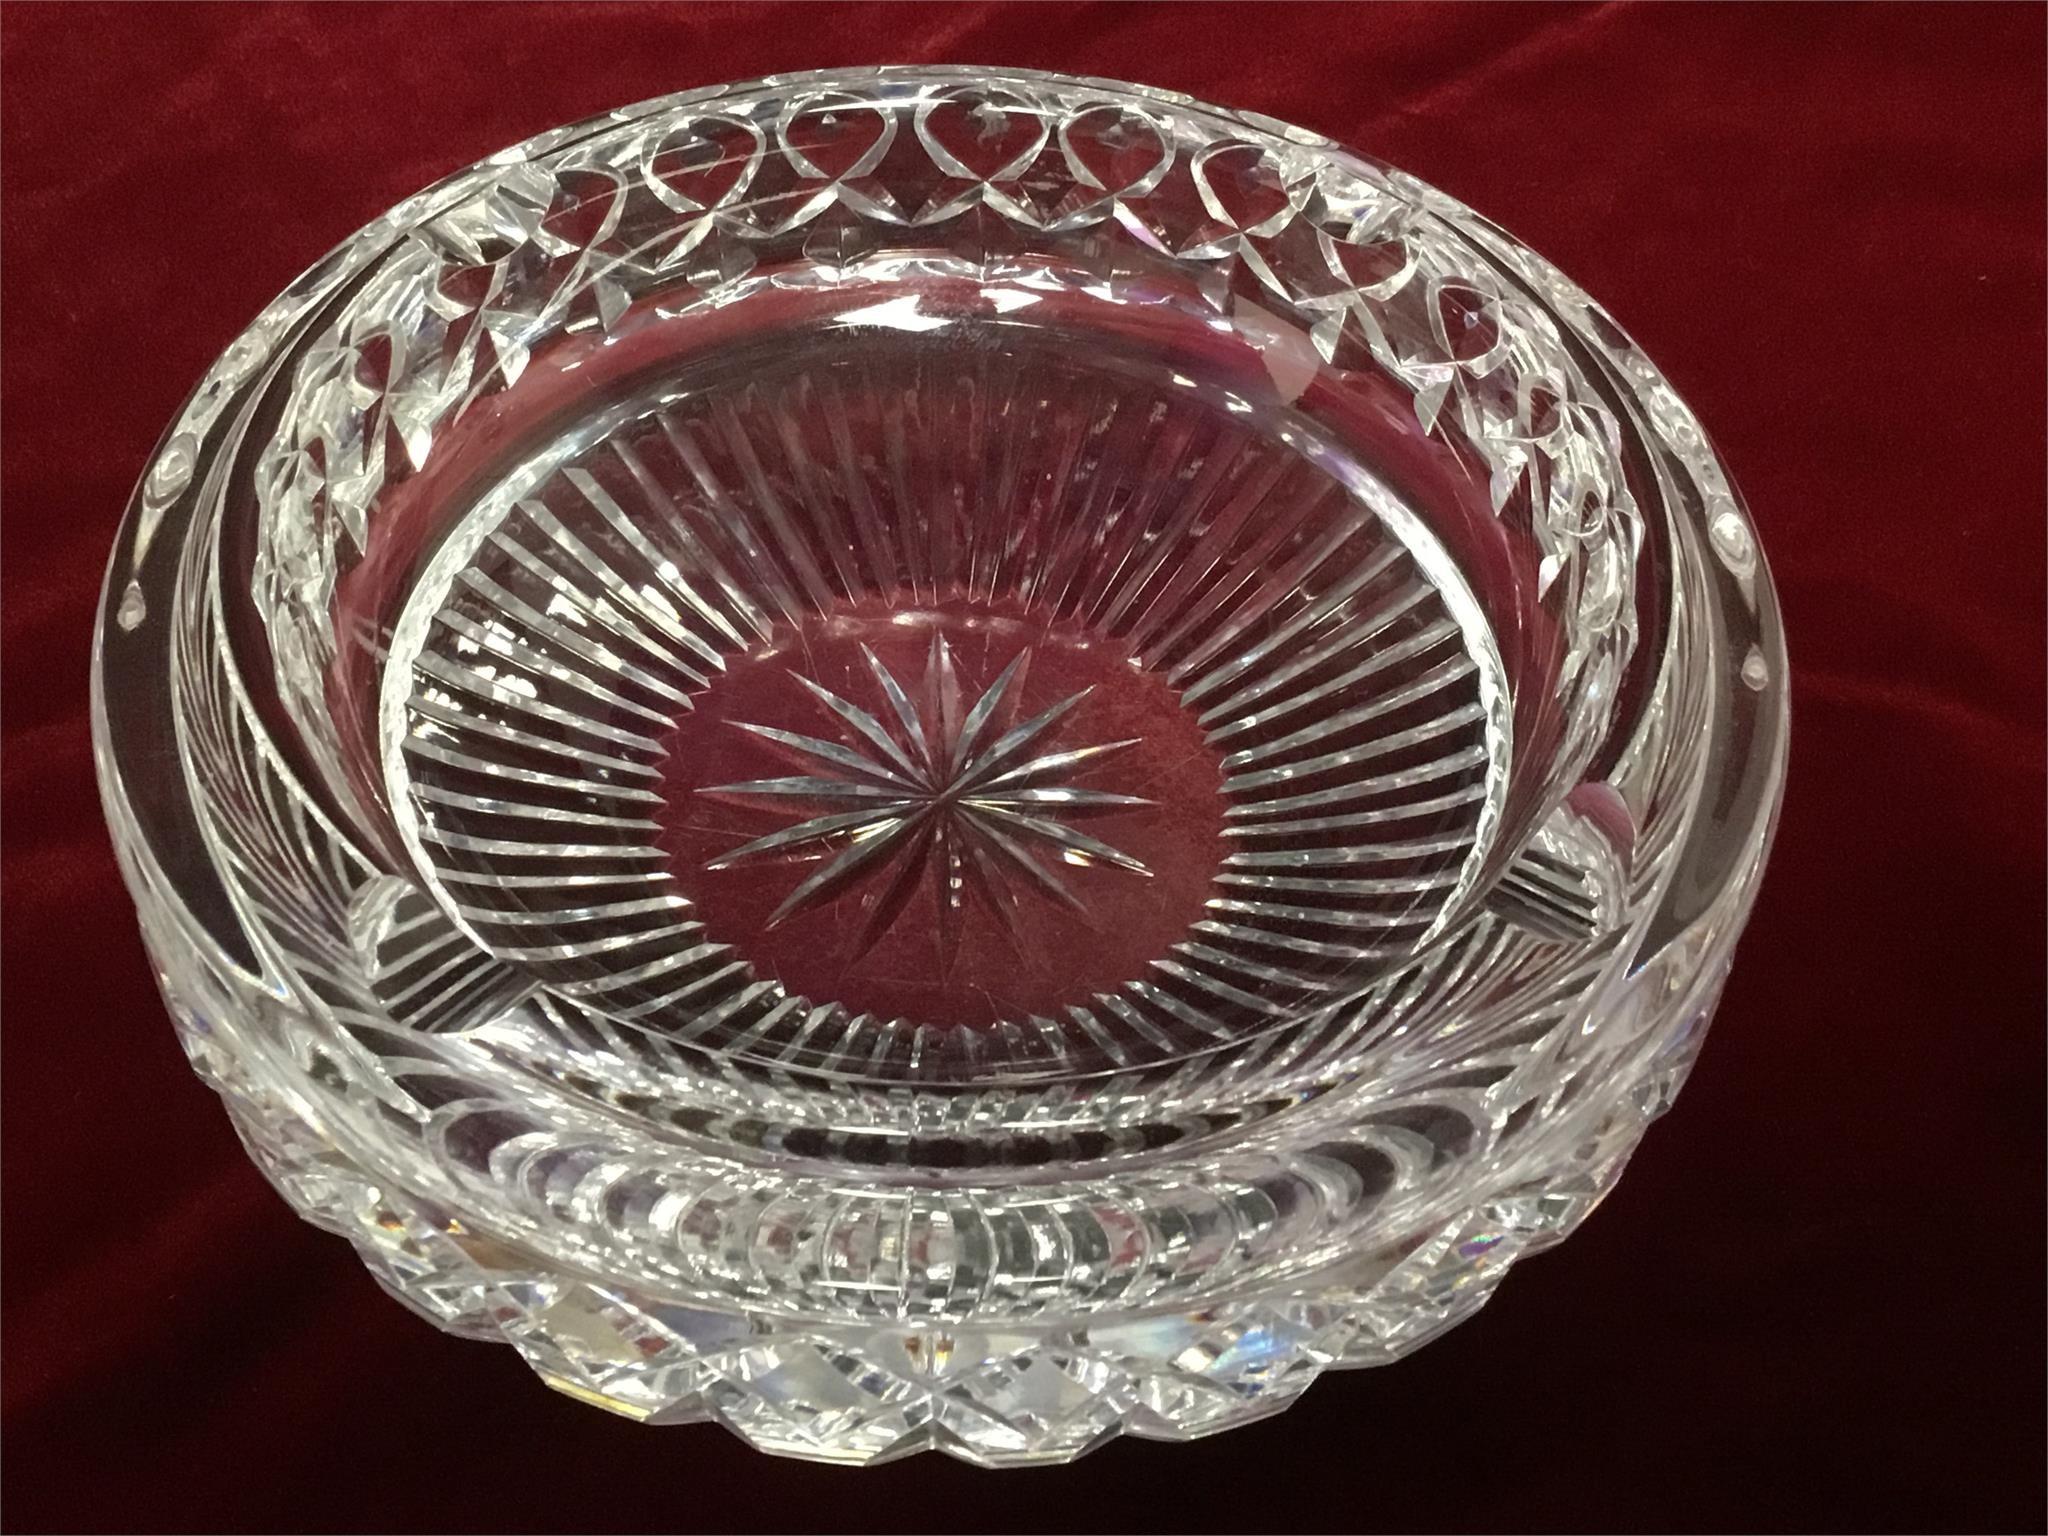 Santa Fe Antique & Collectibles Online Auction 10/10/21 6PM